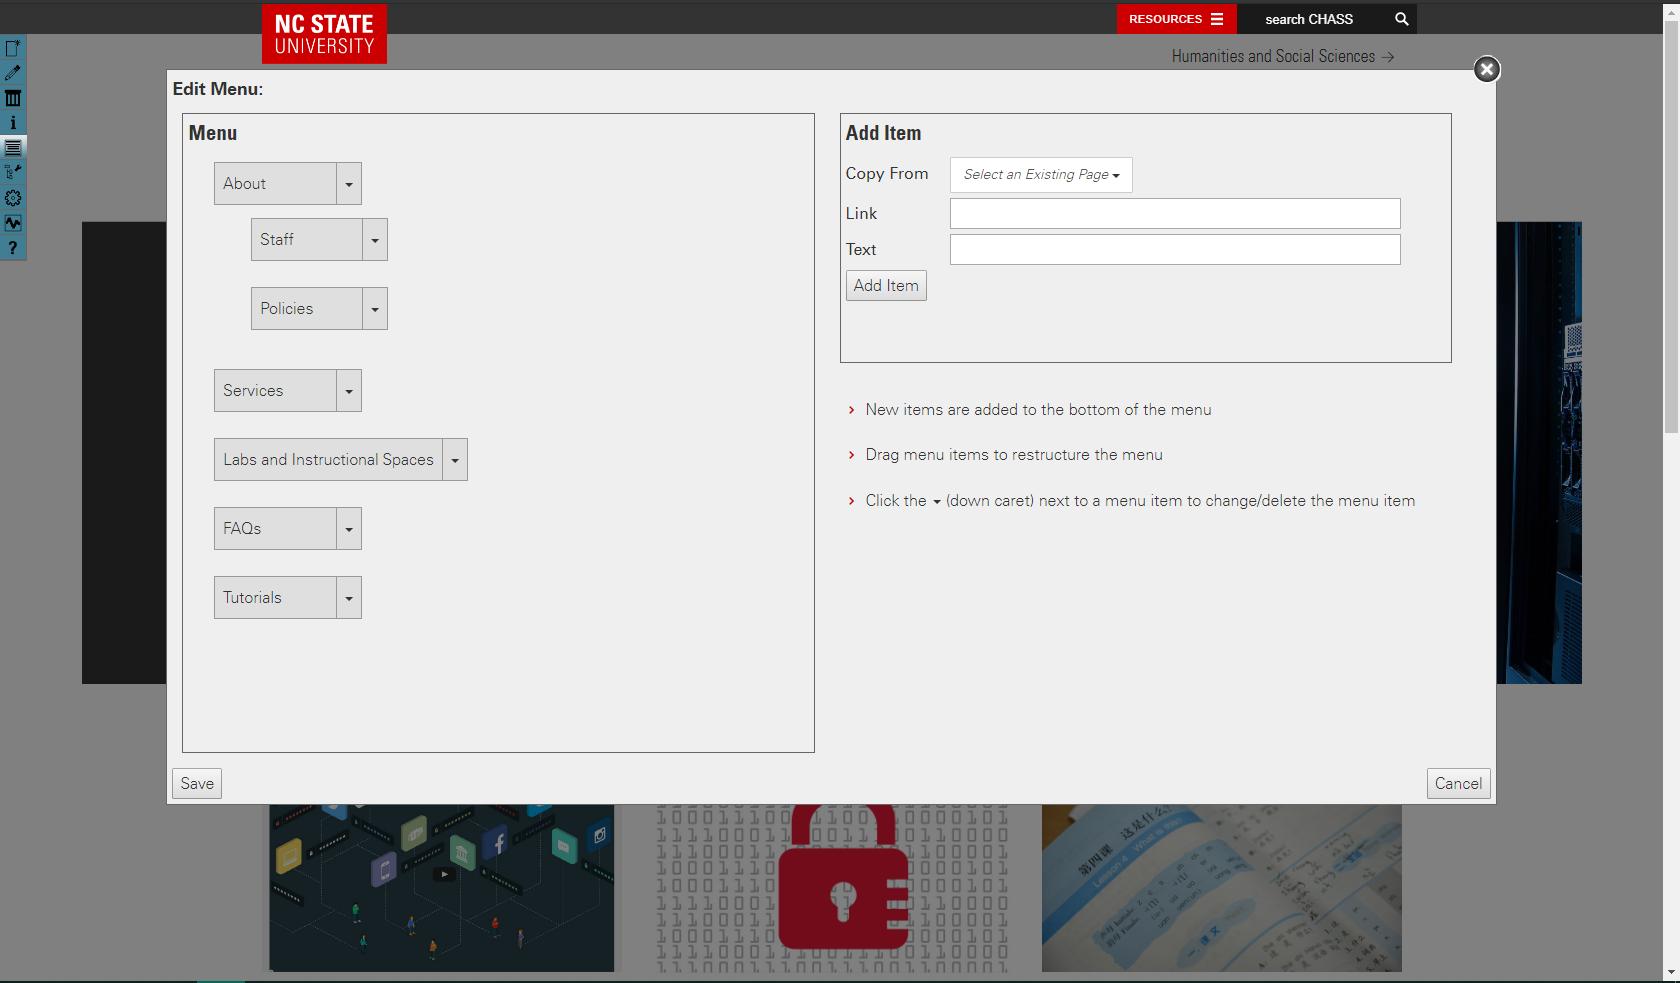 edit_menu